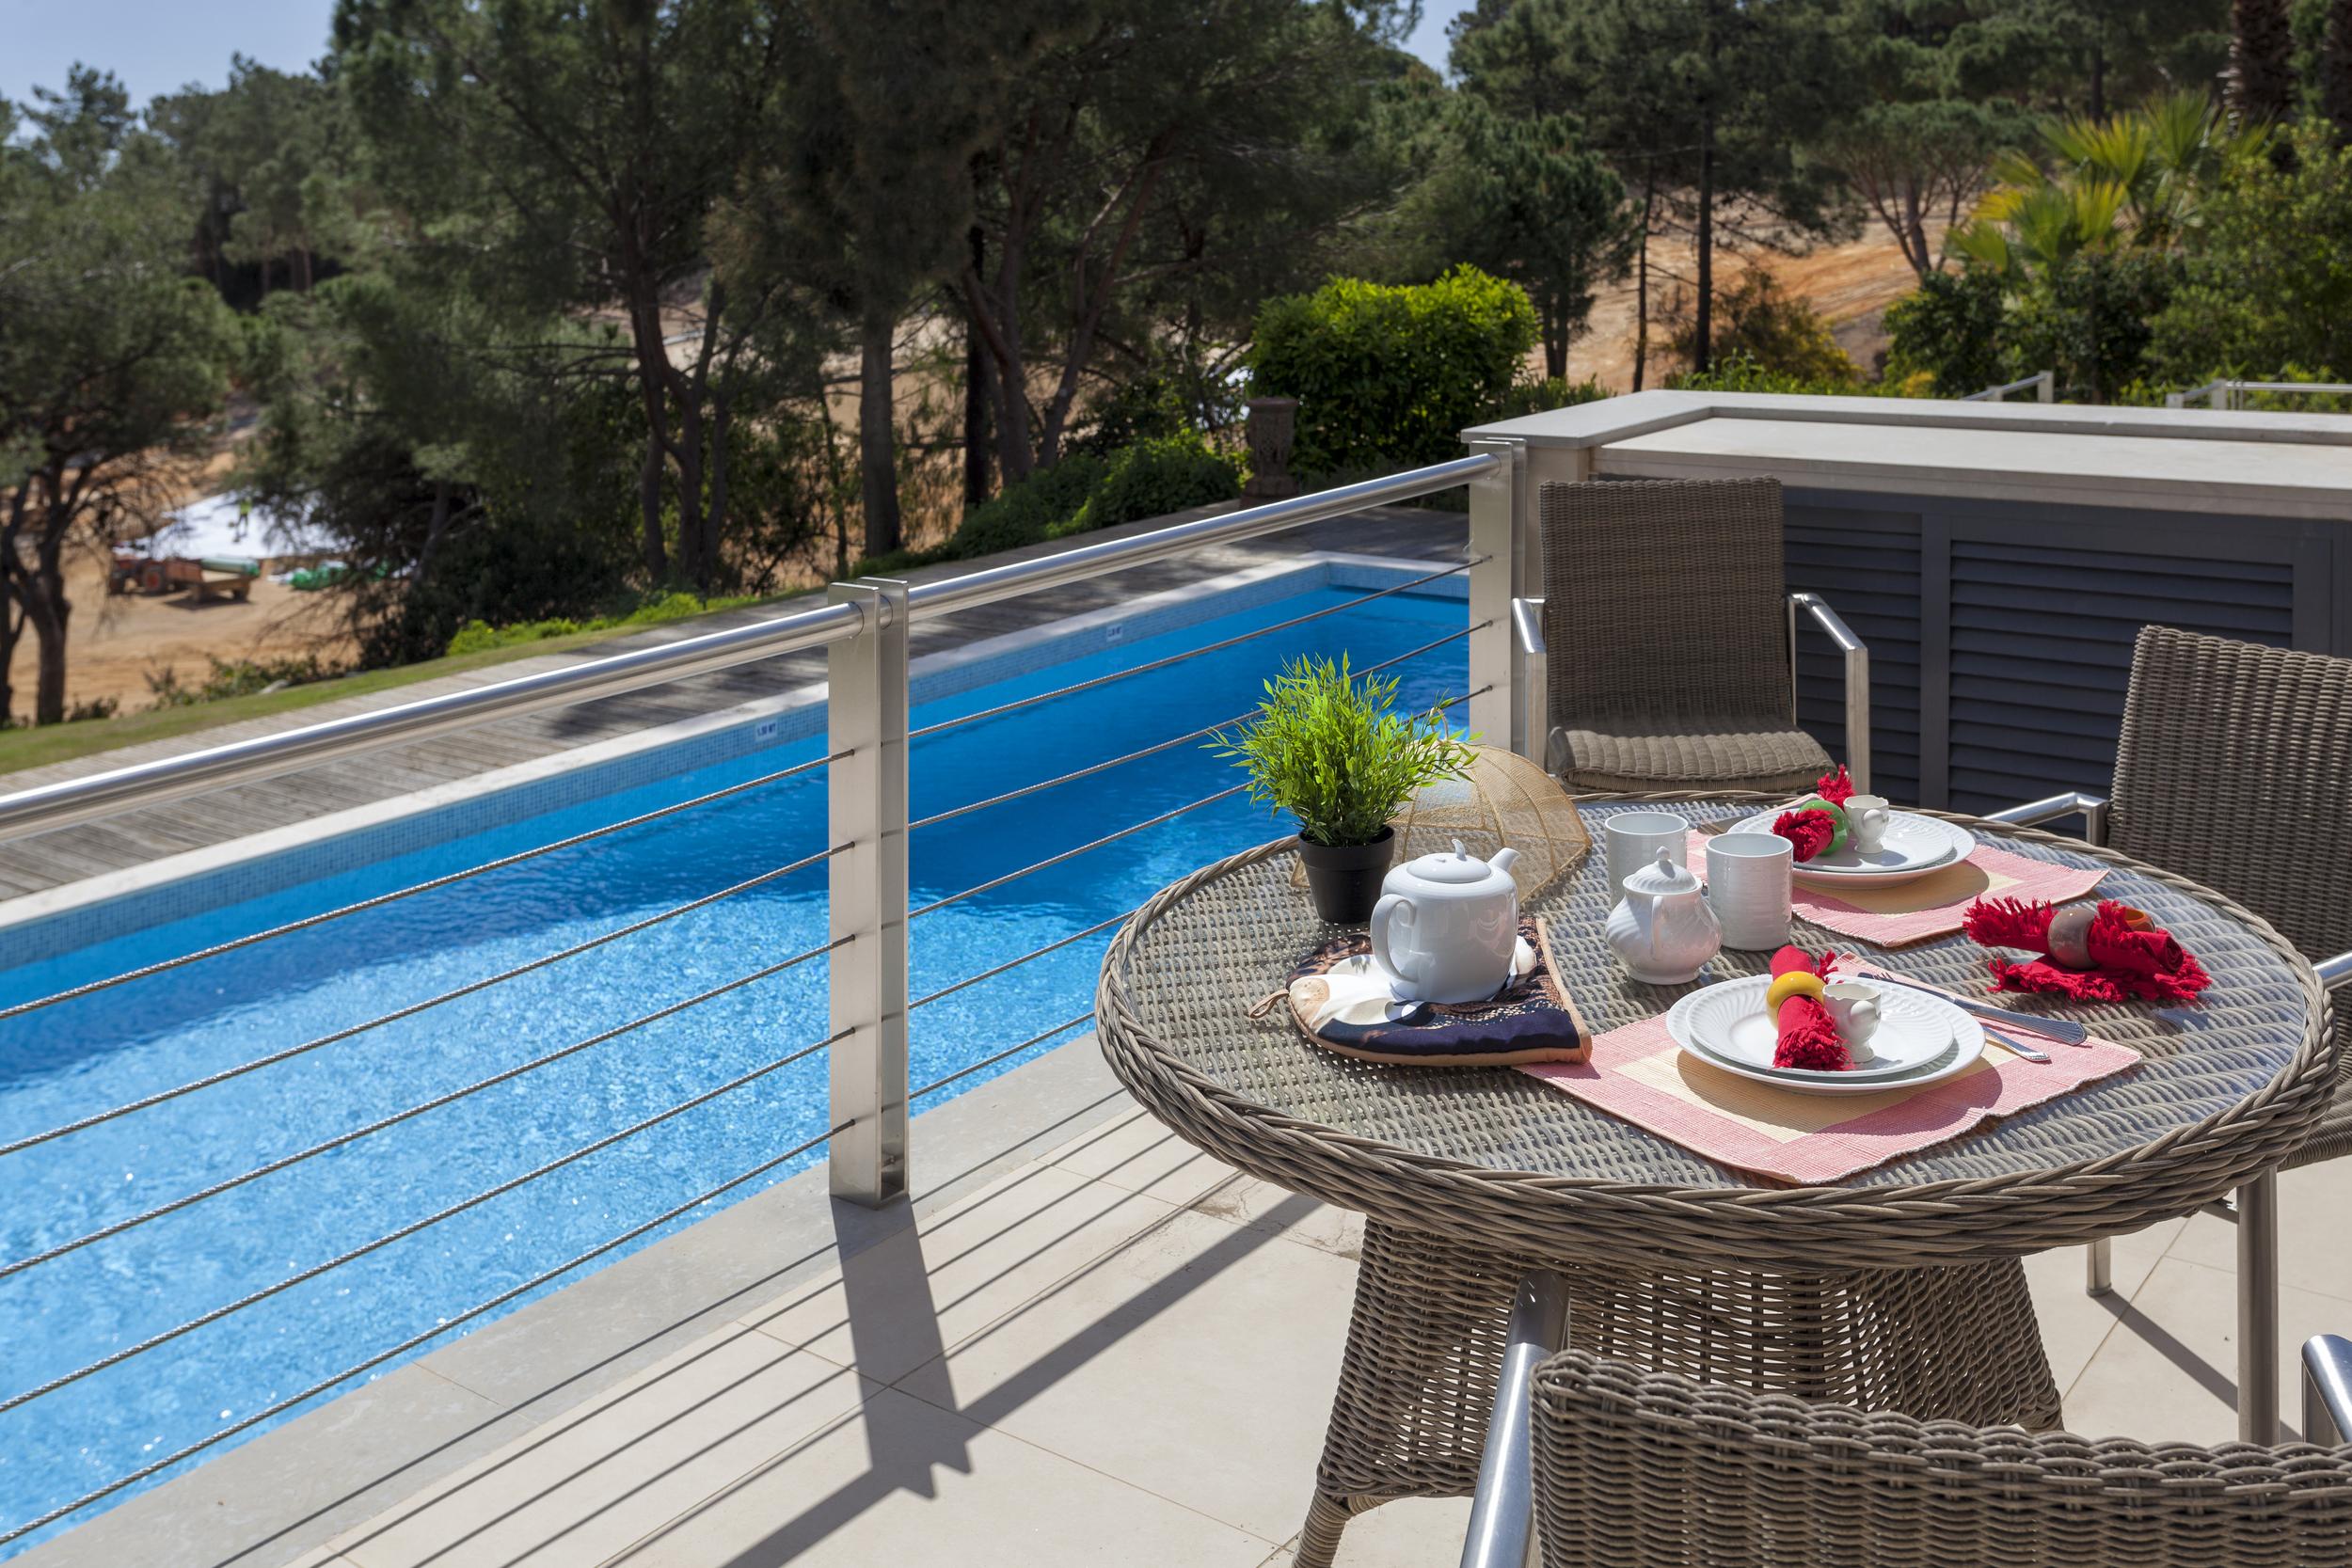 4 bedroom villa to rent in Quinta do Lago, RLV, Villa Serpentine, pool 2.jpg